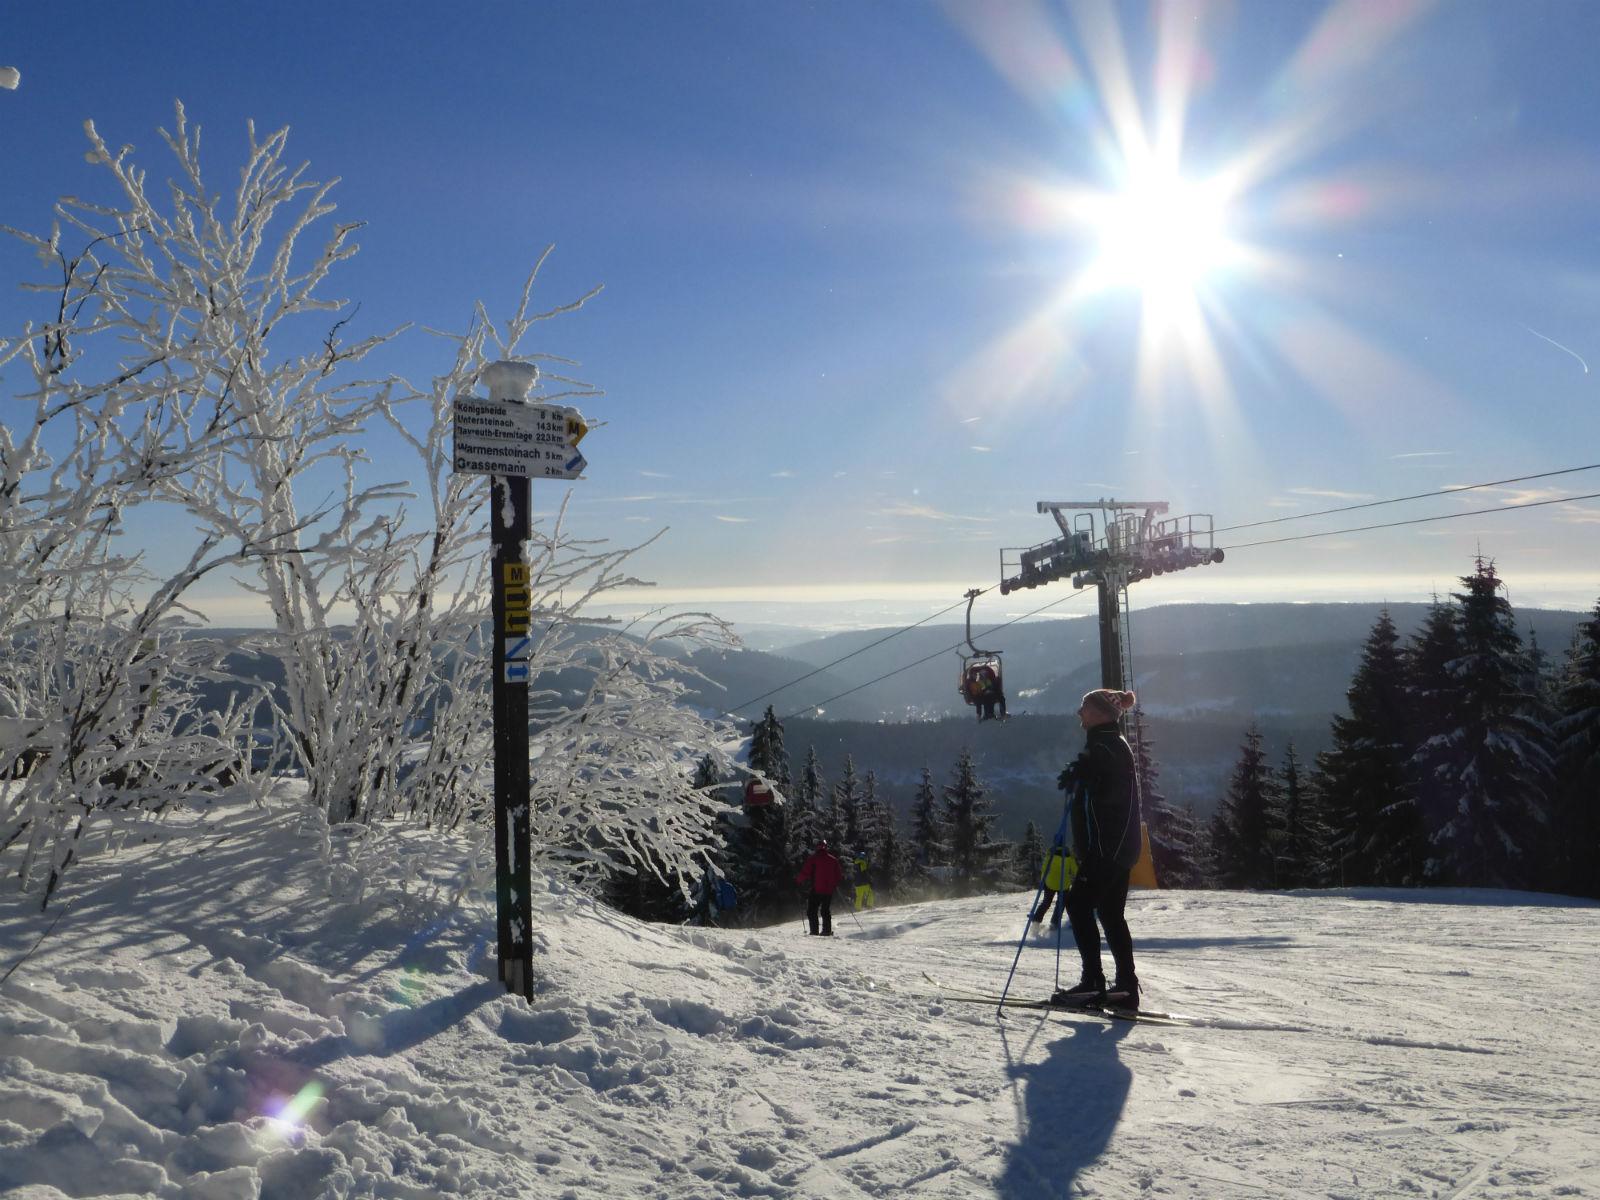 Fichtelgebirge-Winterlandschaft-Wintersport-Skifahren-Aussicht